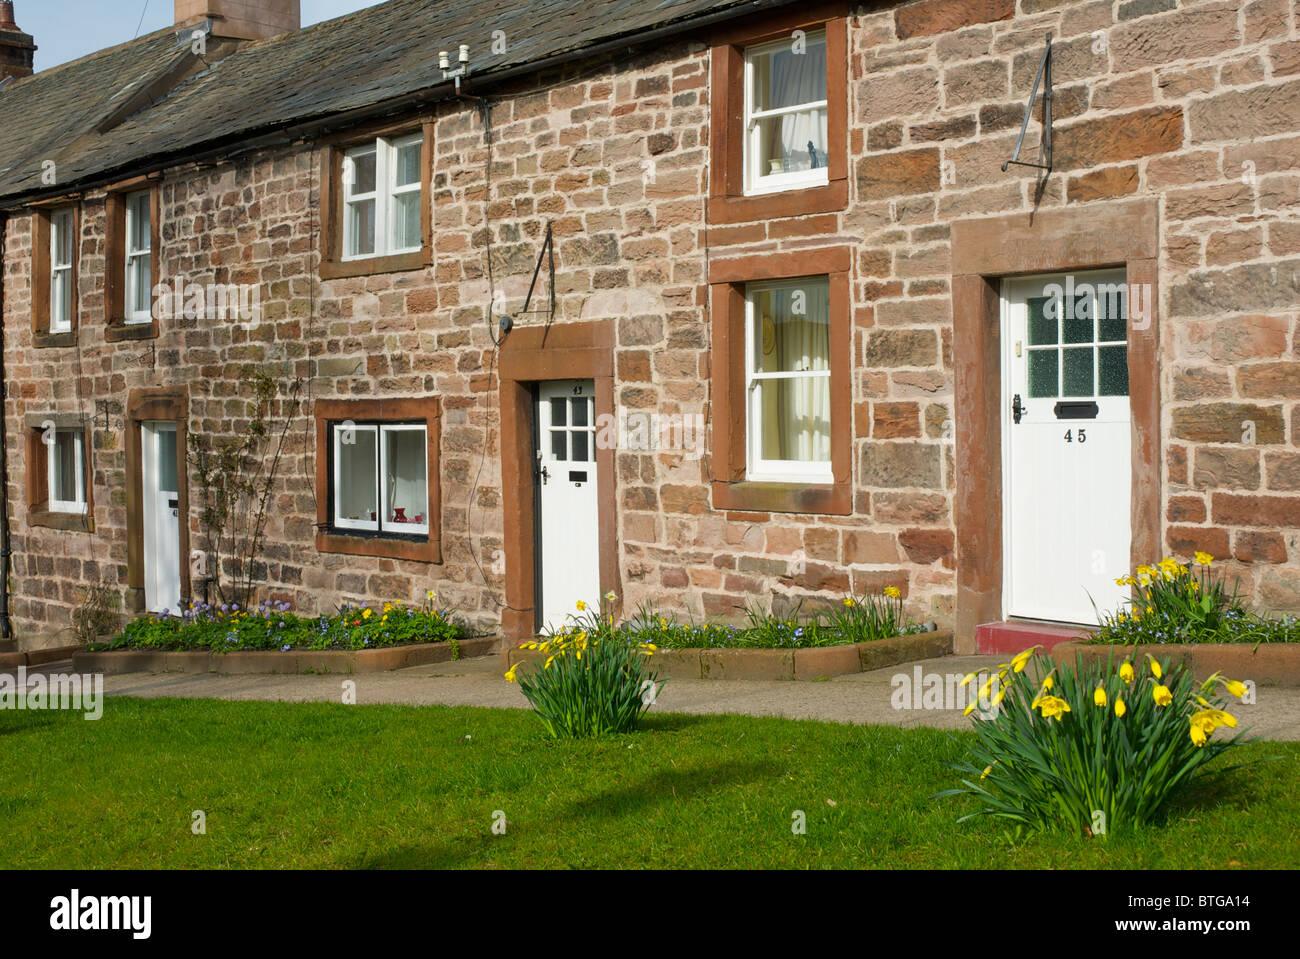 Old sandstone houses on Bondgate, Appleby Cumbria England UK - Stock Image